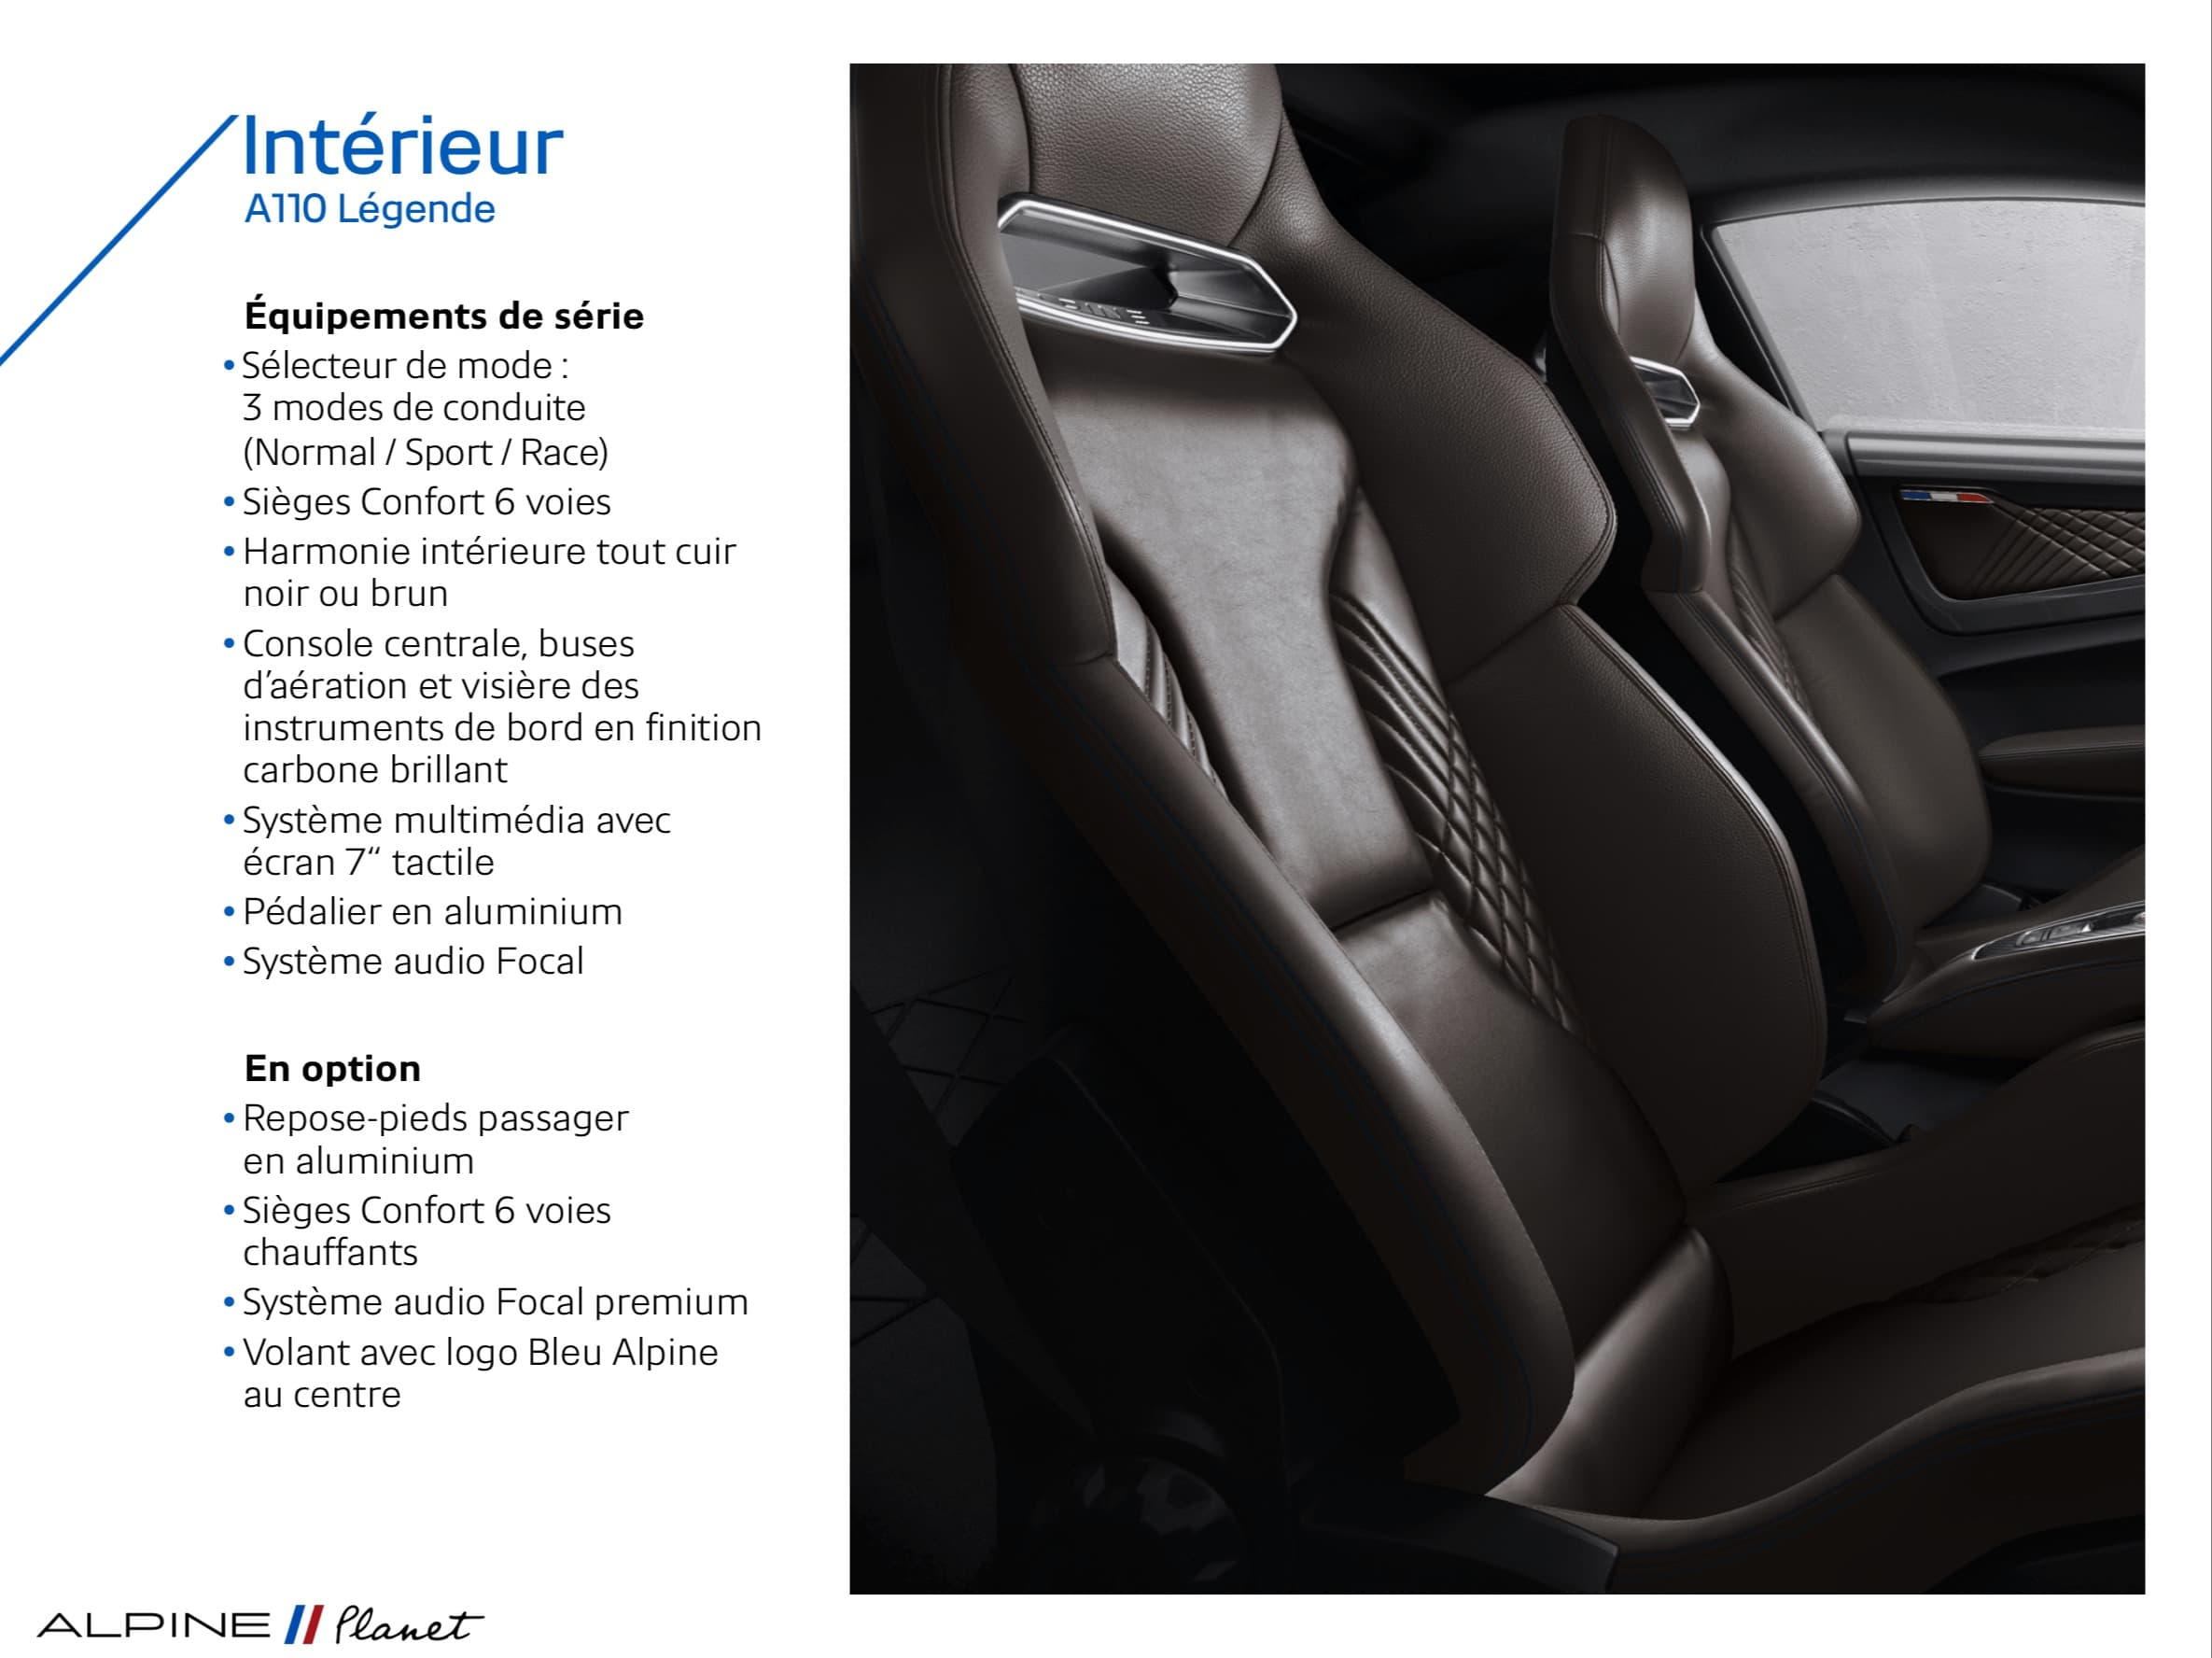 Alpine Planet pure legend reveal 15 | Alpine A110 Pure et Légende: les tarifs, les équipements !